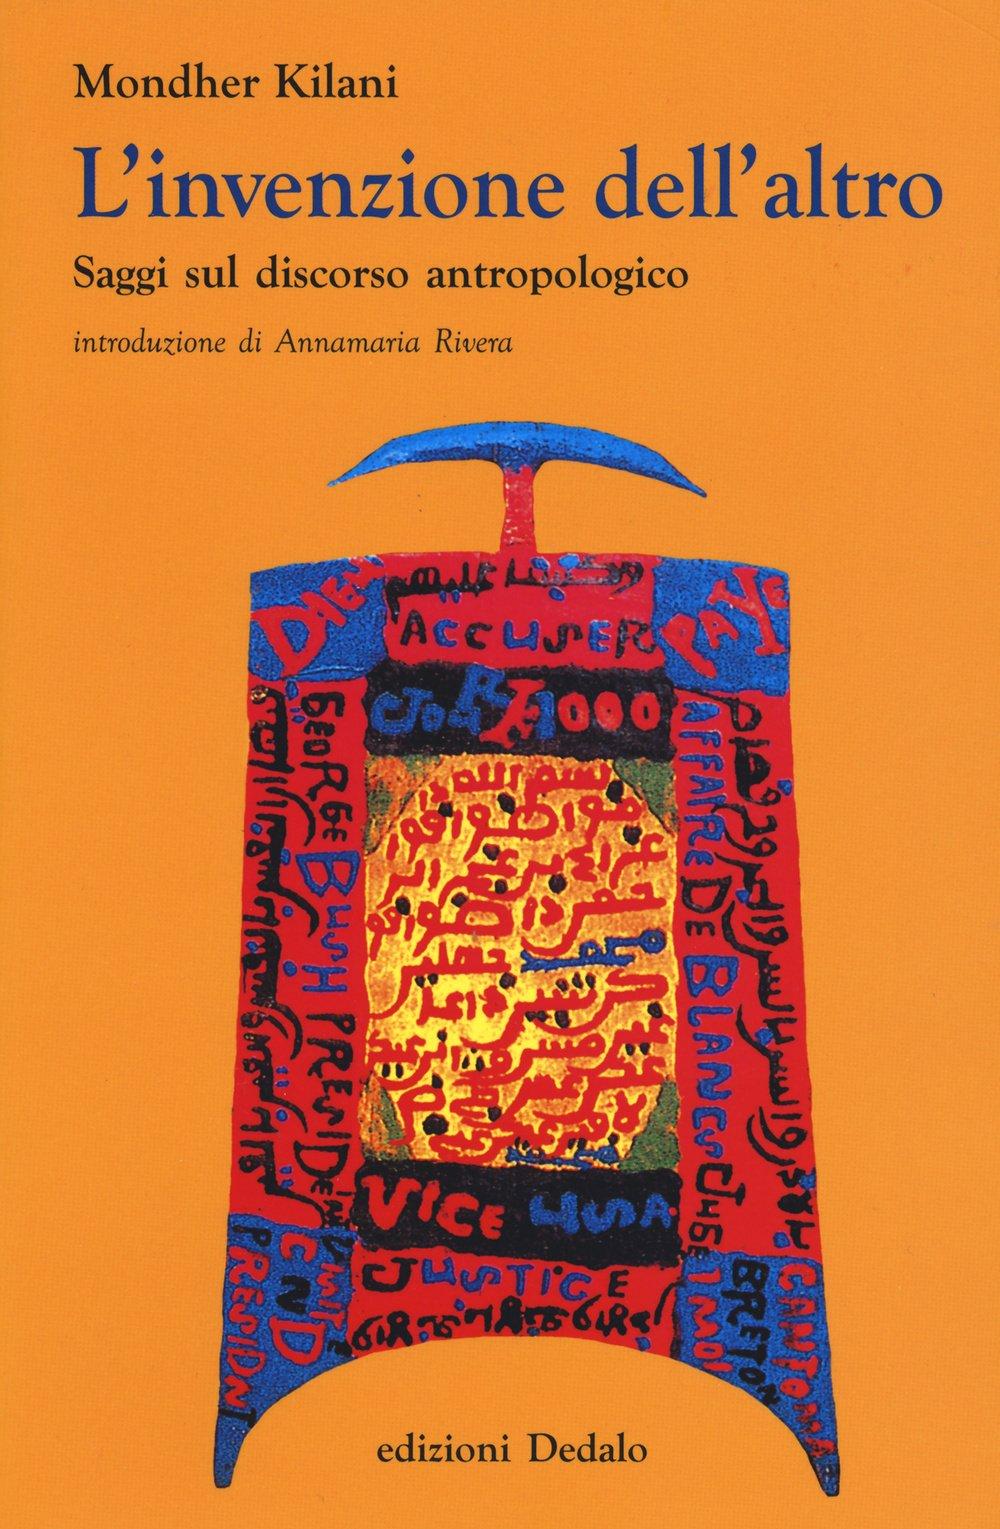 L'invenzione dell'altro. Saggi sul discorso antropologico Copertina flessibile – 15 ott 2015 Mondher Kilani A. Rivera Dedalo 8822063287